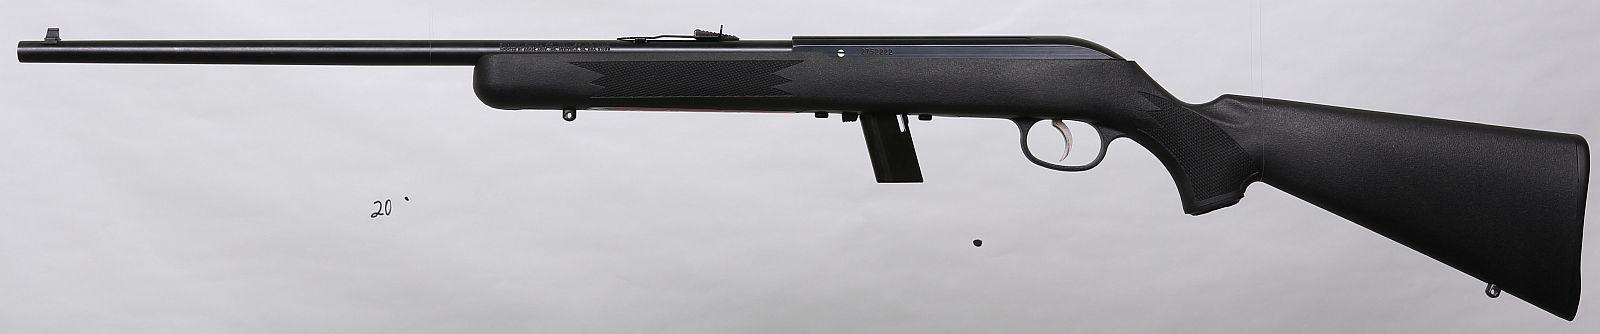 savage-64F.jpg